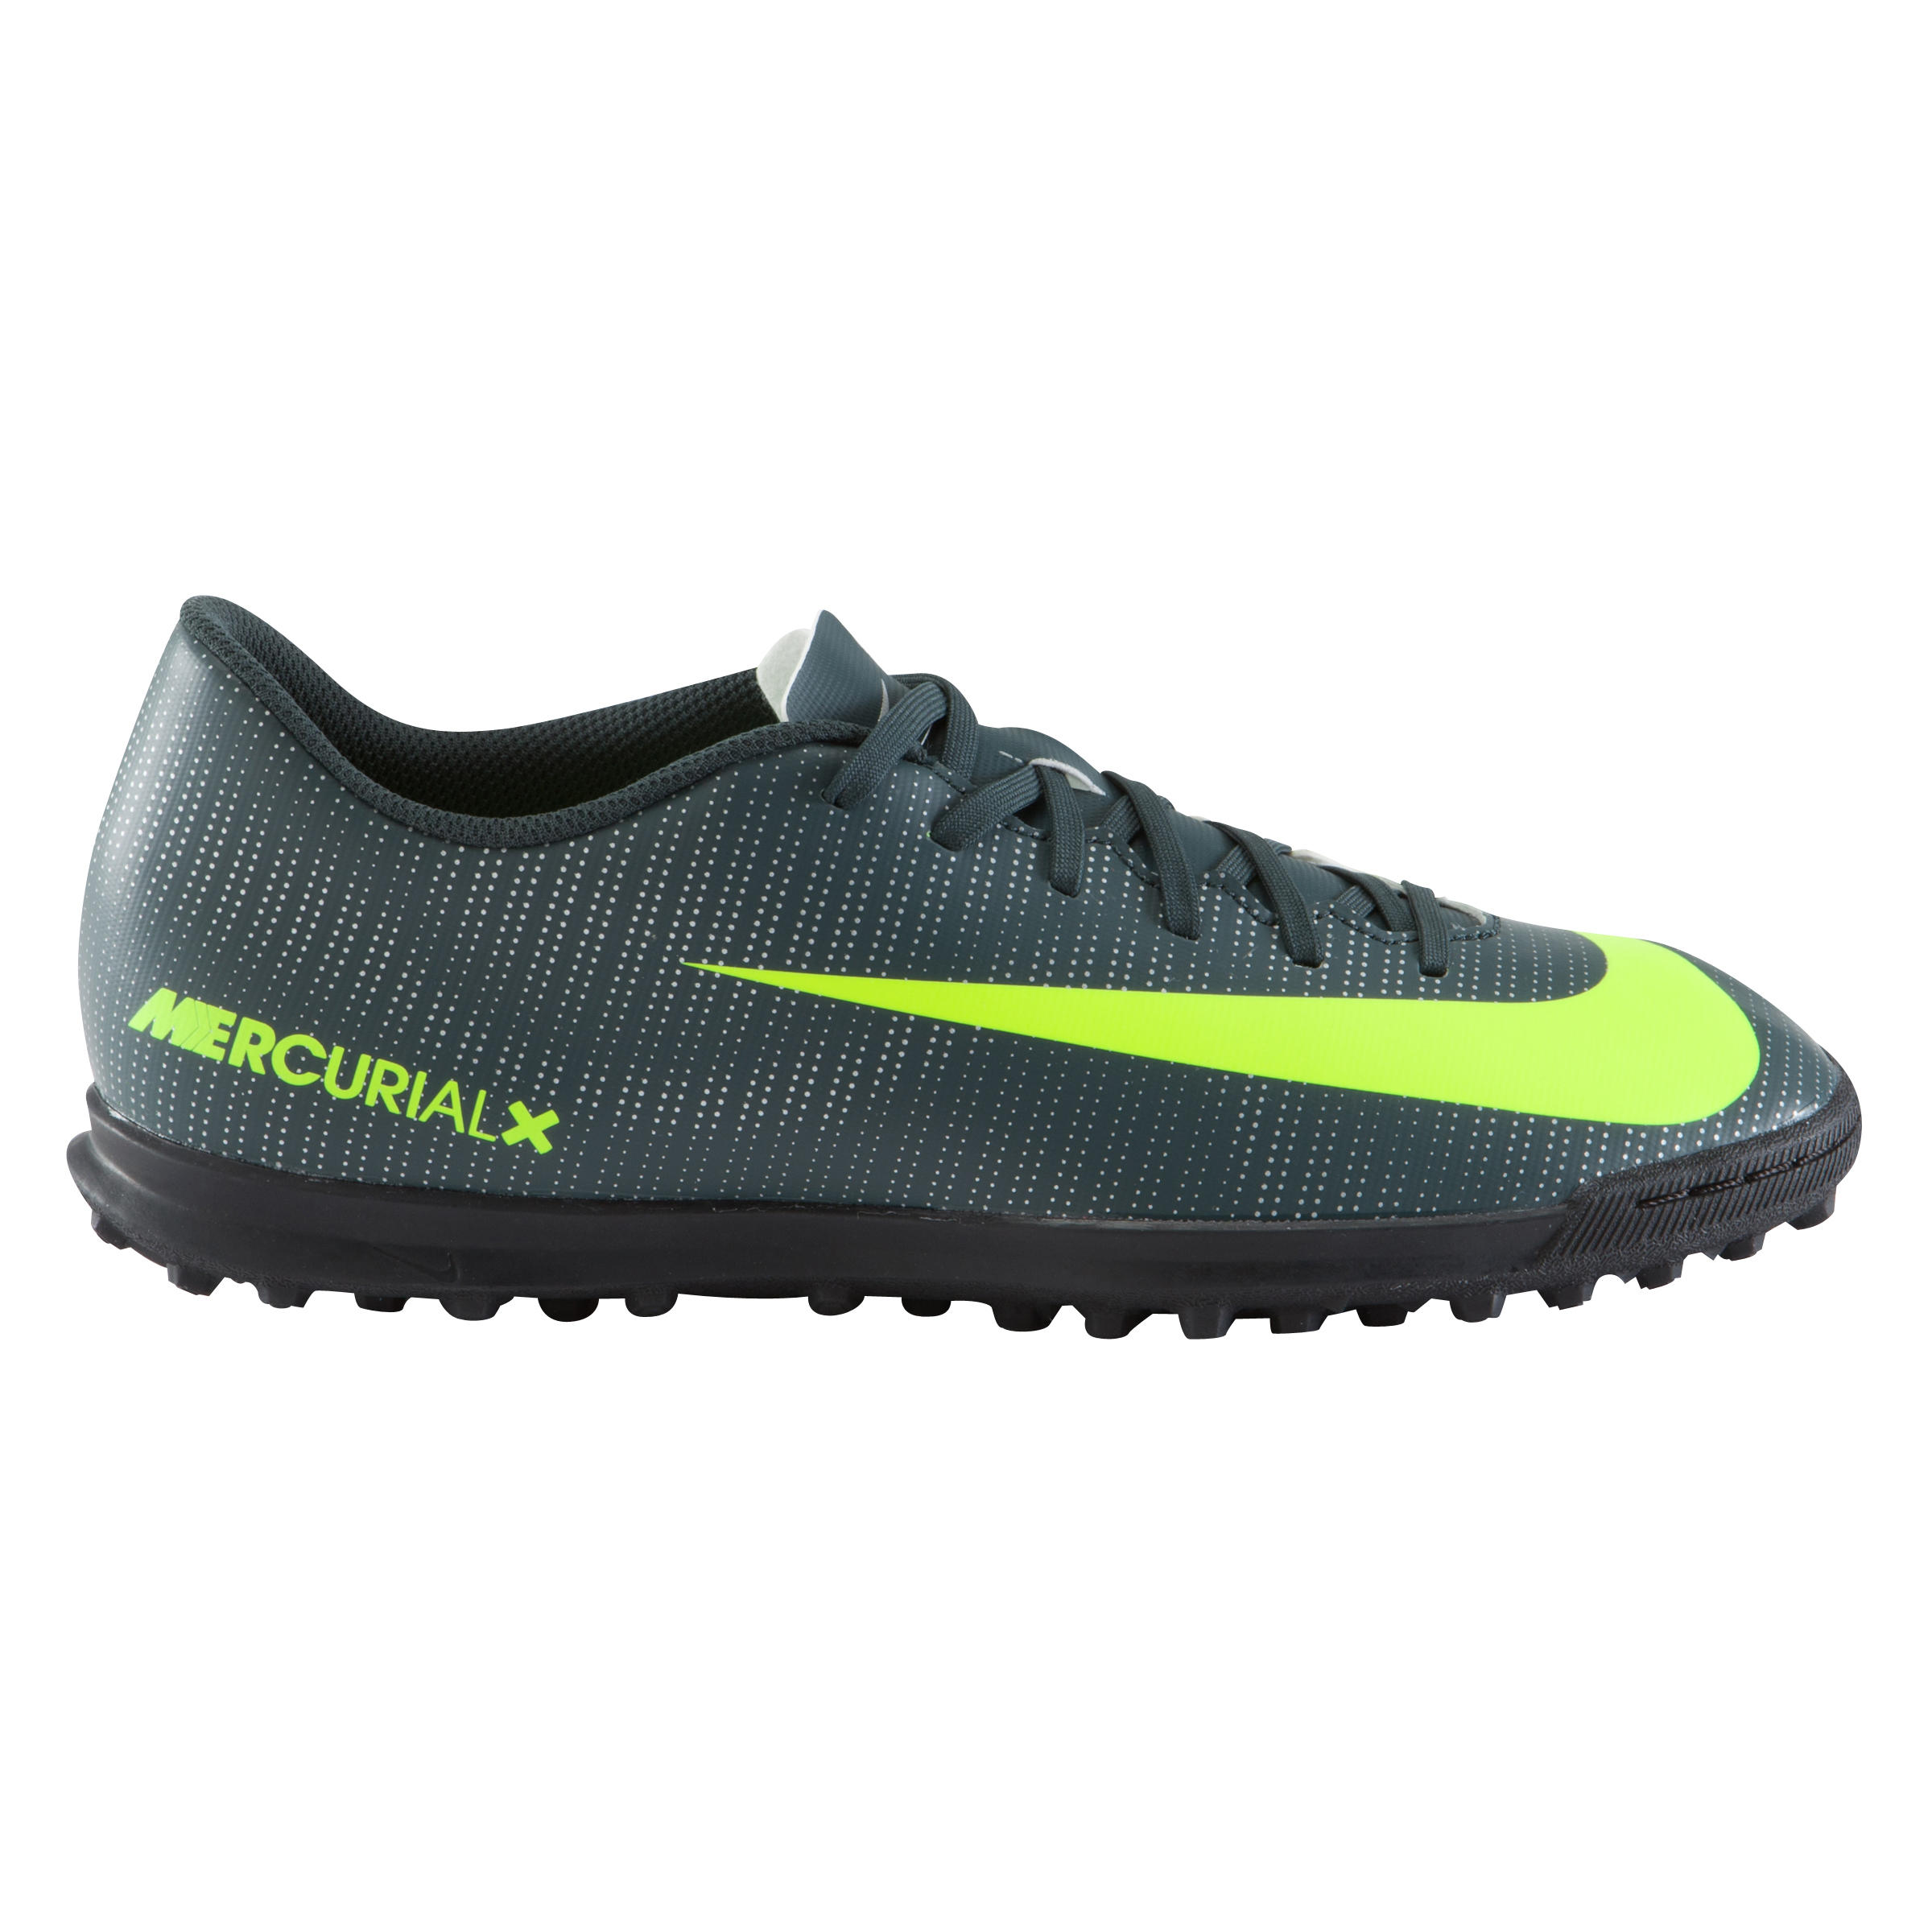 Nike Voetbalschoenen Mercurial CR7 Vortex TF voor kinderen zwart